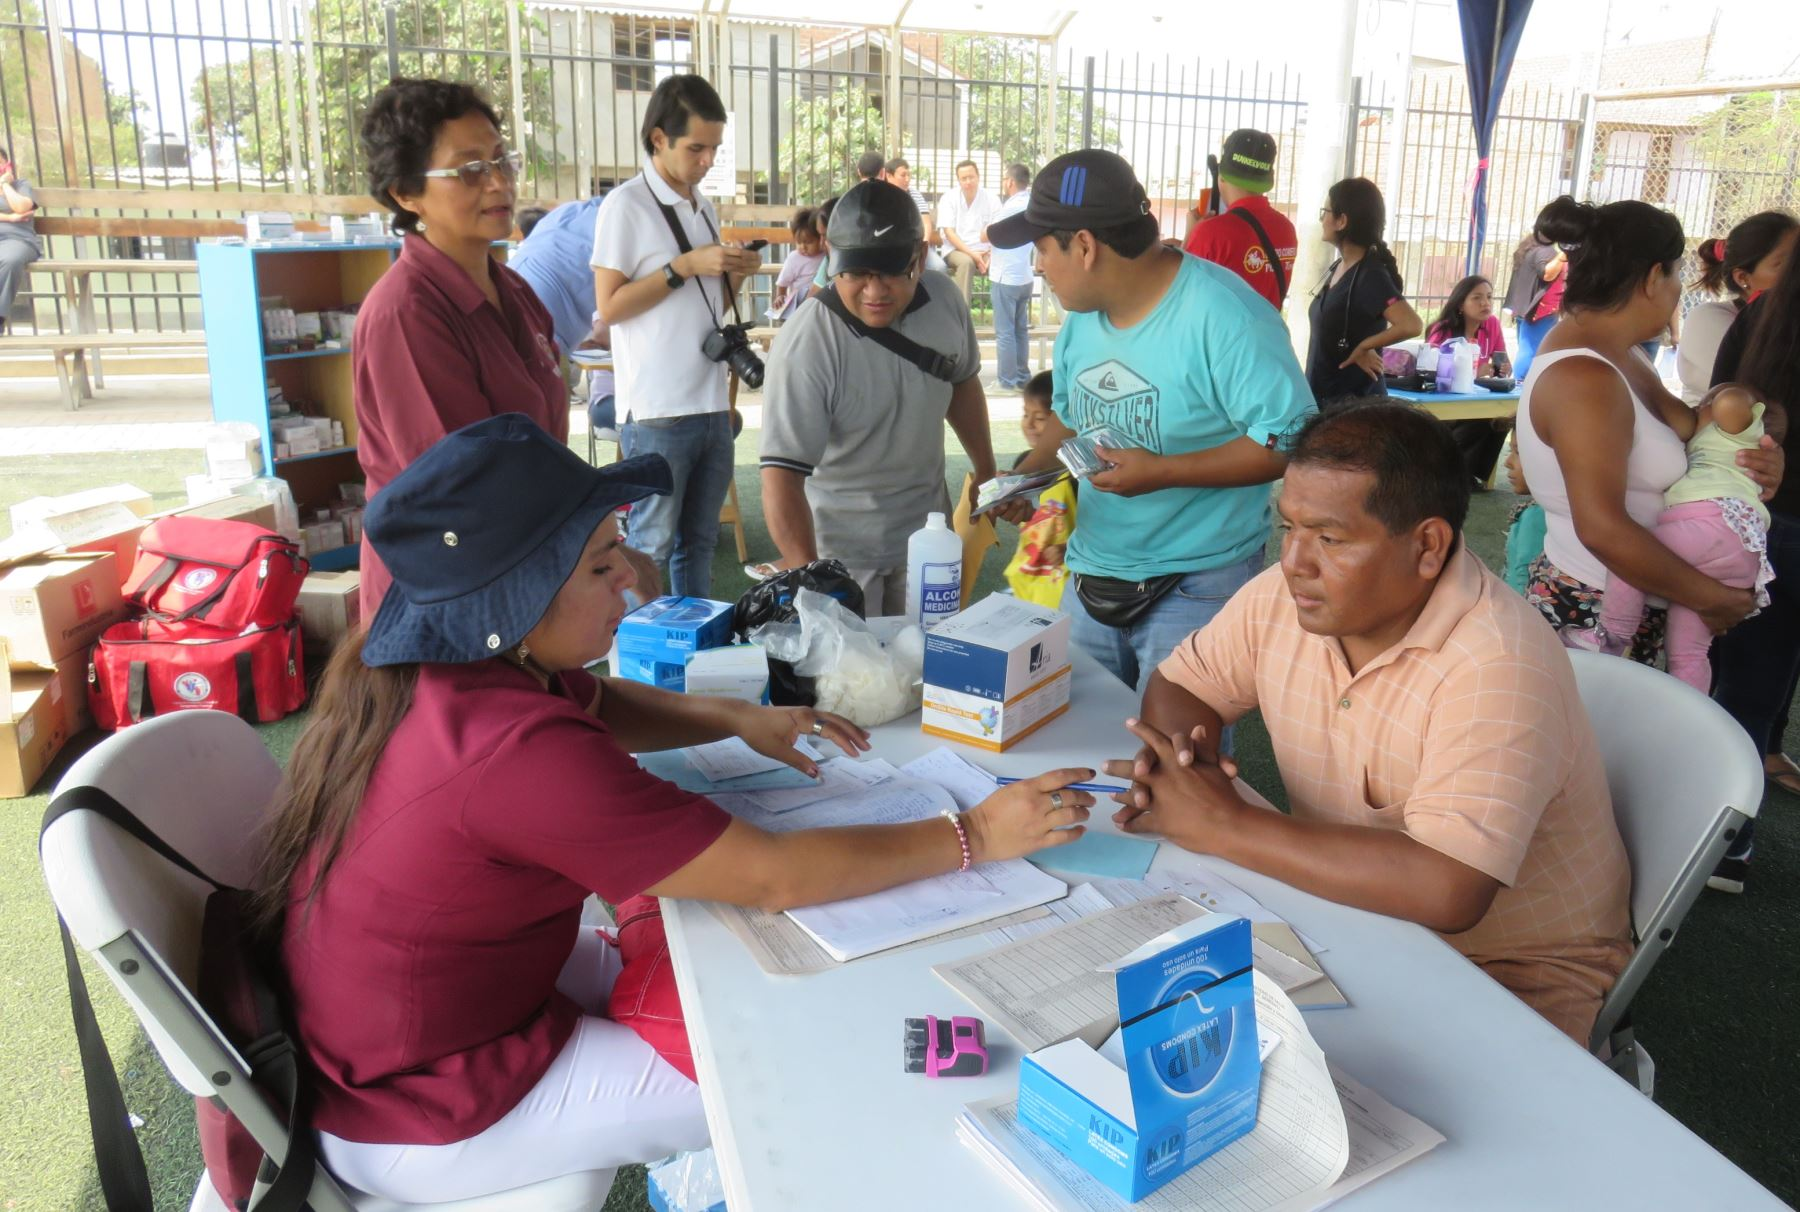 Realizan campaña médica para damnificados de El Porvenir, en Trujillo. ANDINA/Luis Puell